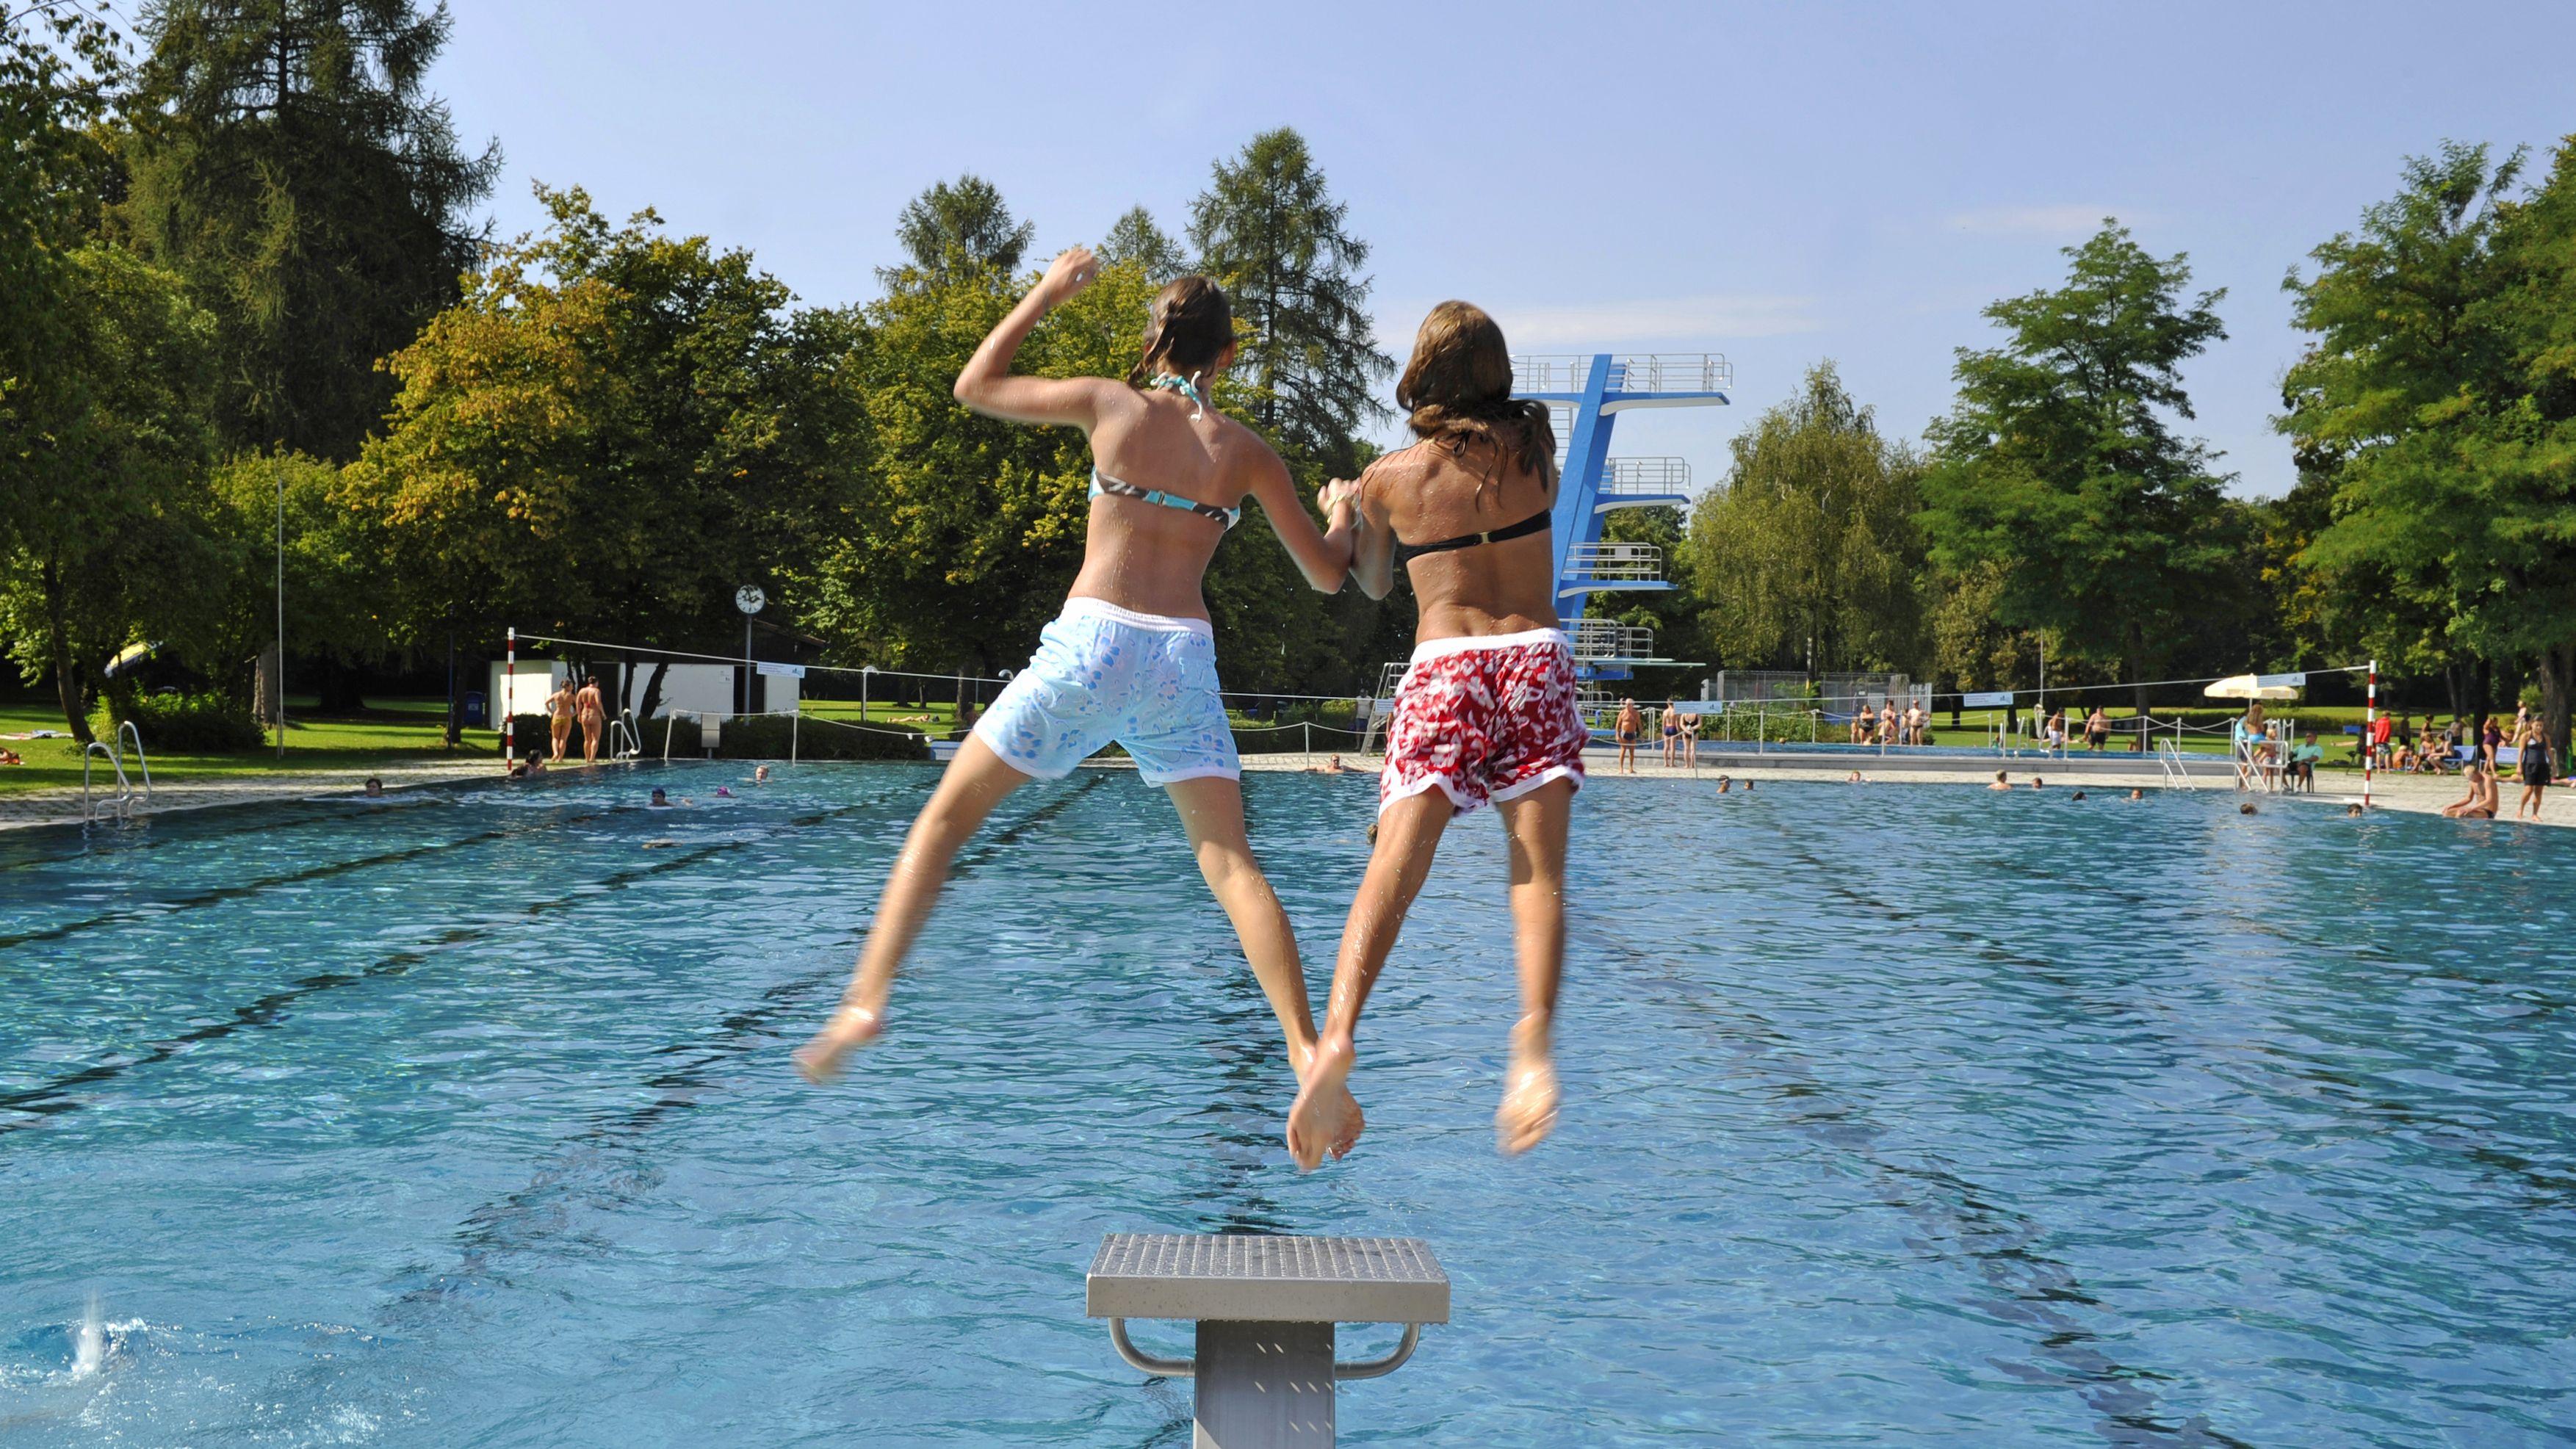 Kinder springen im Michaelibad in München ins Wasser (Archivbild).